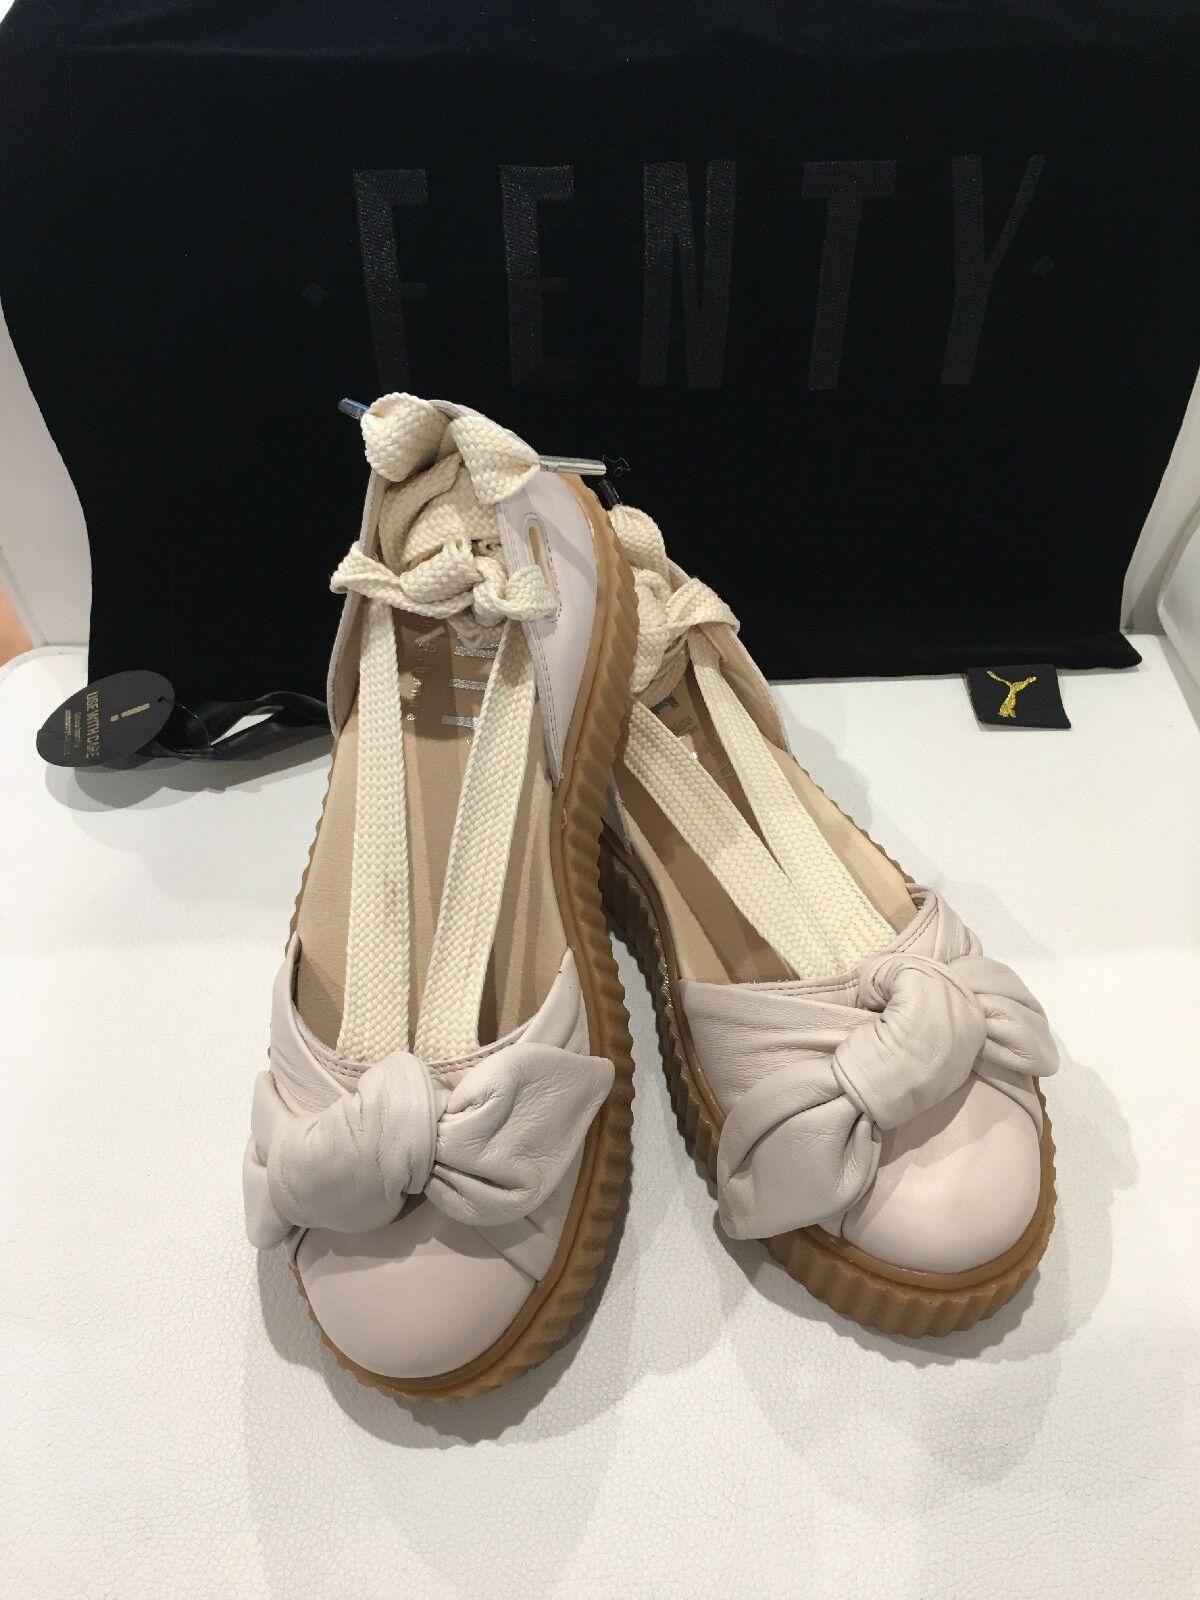 39674acb71f Puma Puma Puma Fenty by Rihanna Bow Creeper Sandal Pint Tint Oatmeal Womens  Shoe Size 6.5 7e61dc